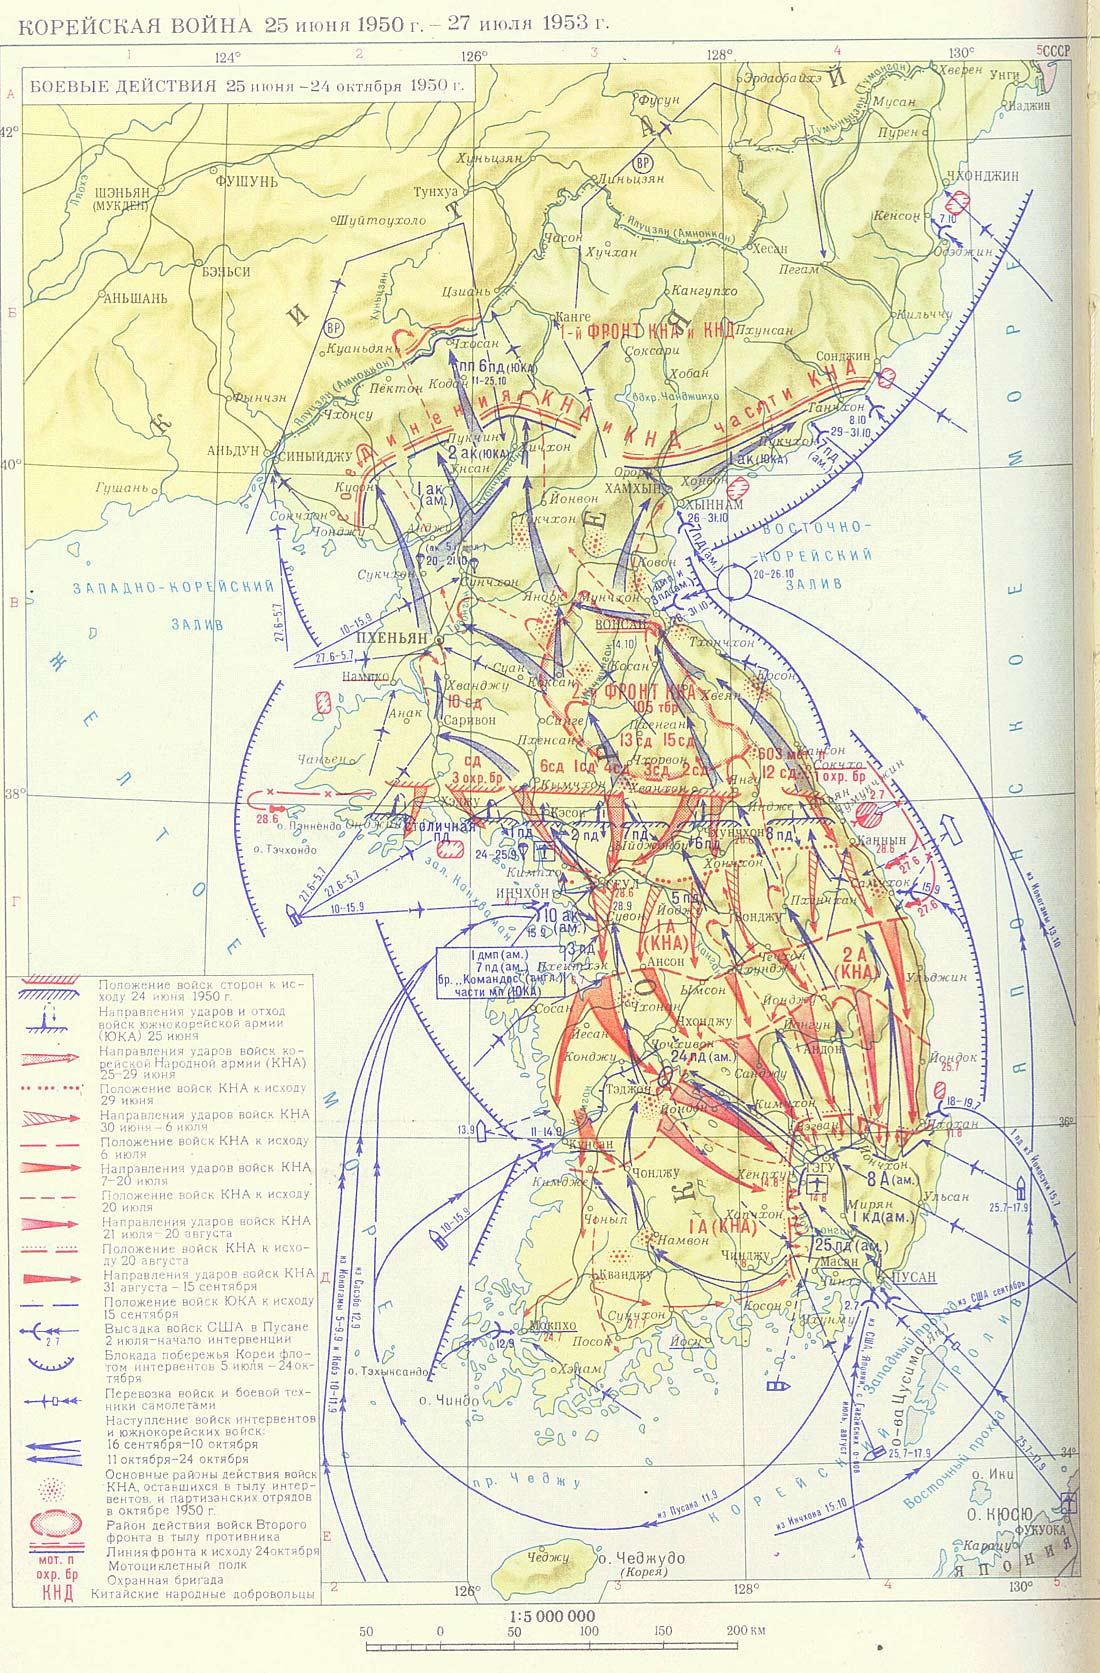 Боевые действия 25 июня - 24 октября 1950 года